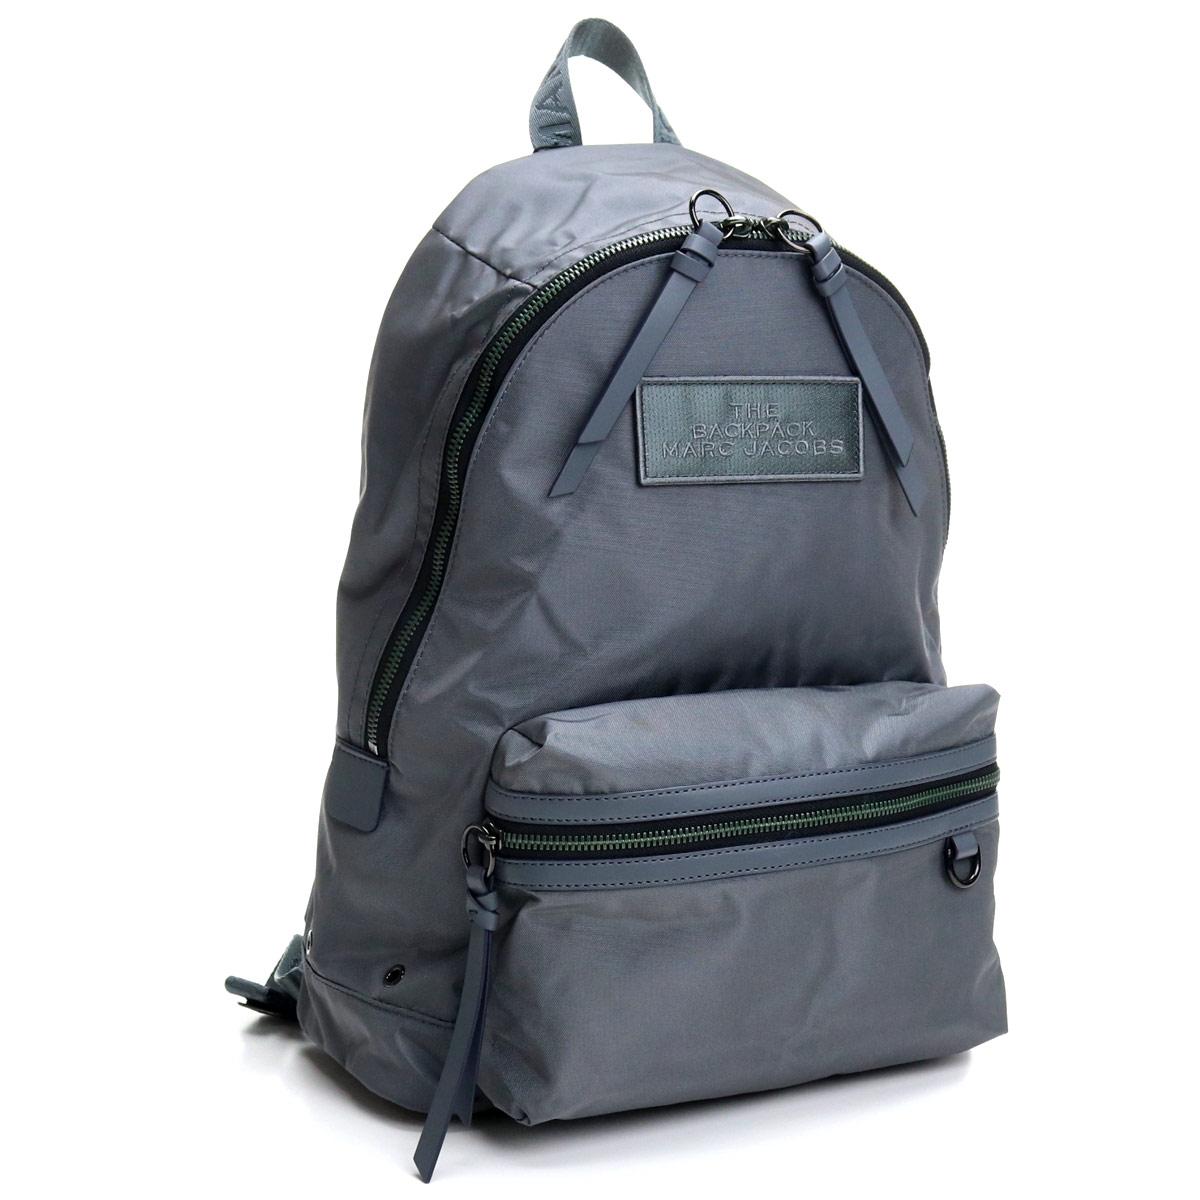 マーク ジェイコブス MARC JACOBS THE DTM Large Backpack リュック バックパック M0015772 021 DARK GREY グレー系 【レディース】